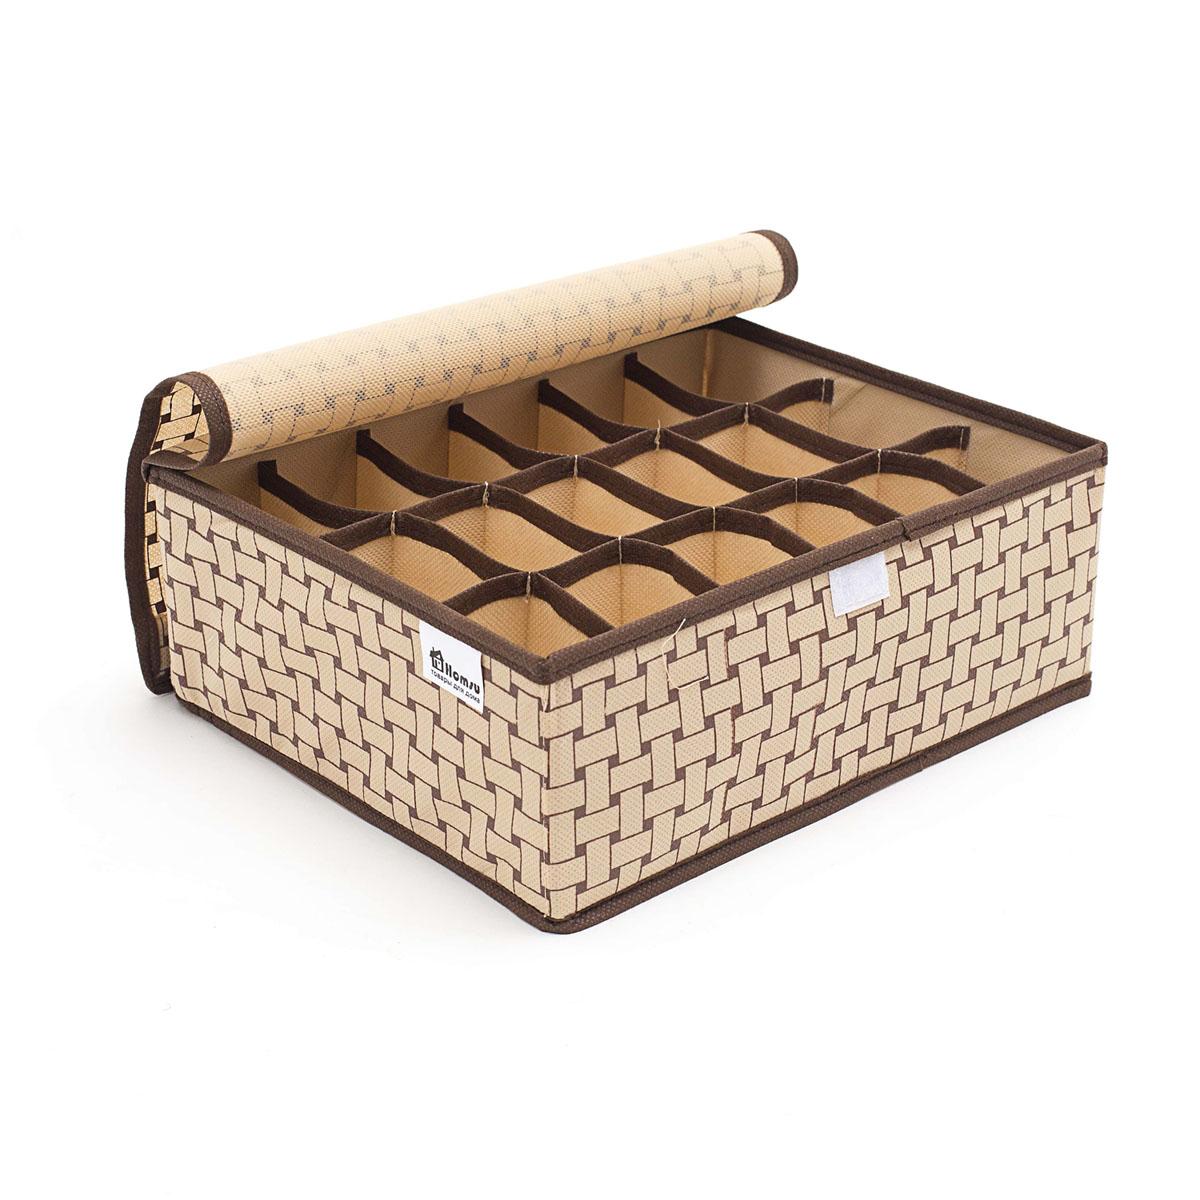 Органайзер для хранения вещей Homsu Pletenka, 18 секций, 31 х 24 х 11 см25051 7_желтыйКомпактный складной органайзер Homsu Pletenka изготовлен из высококачественного полиэстера, который обеспечивает естественную вентиляцию. Материал позволяет воздуху свободно проникать внутрь, но не пропускает пыль. Органайзер отлично держит форму, благодаря вставкам из плотного картона. Изделие имеет 18 квадратных секций для хранения нижнего белья, колготок, носков и другой одежды.Такой органайзер позволит вам хранить вещи компактно и удобно, а оригинальный дизайн сделает вашу гардеробную красивой и невероятно стильной.